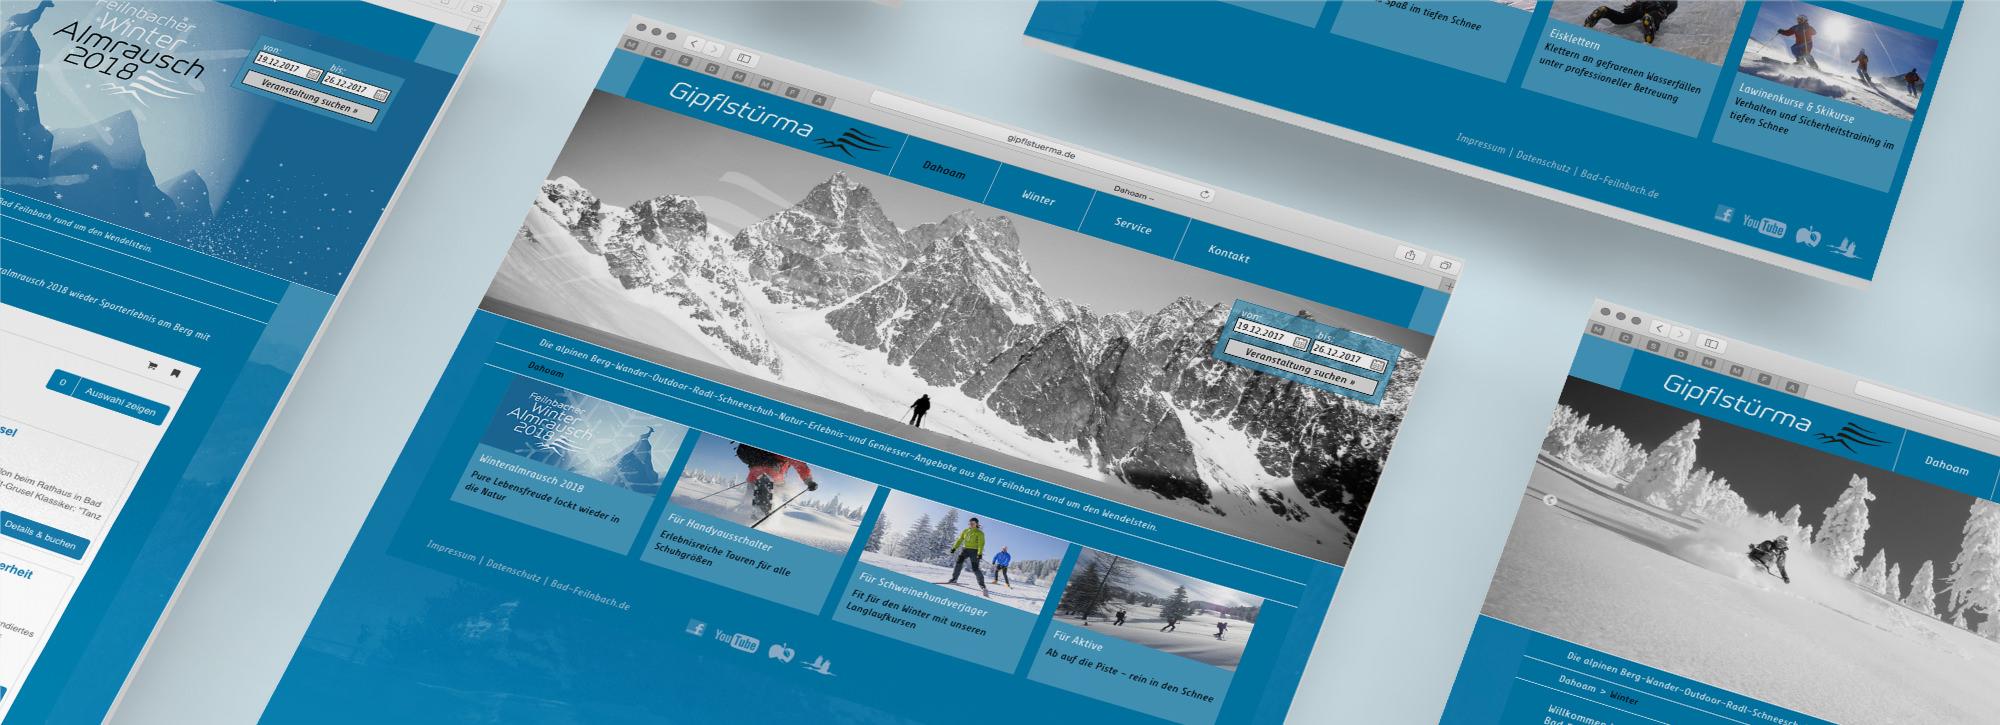 Webdesign für die Bad Feilnbacher Gipflstuerma